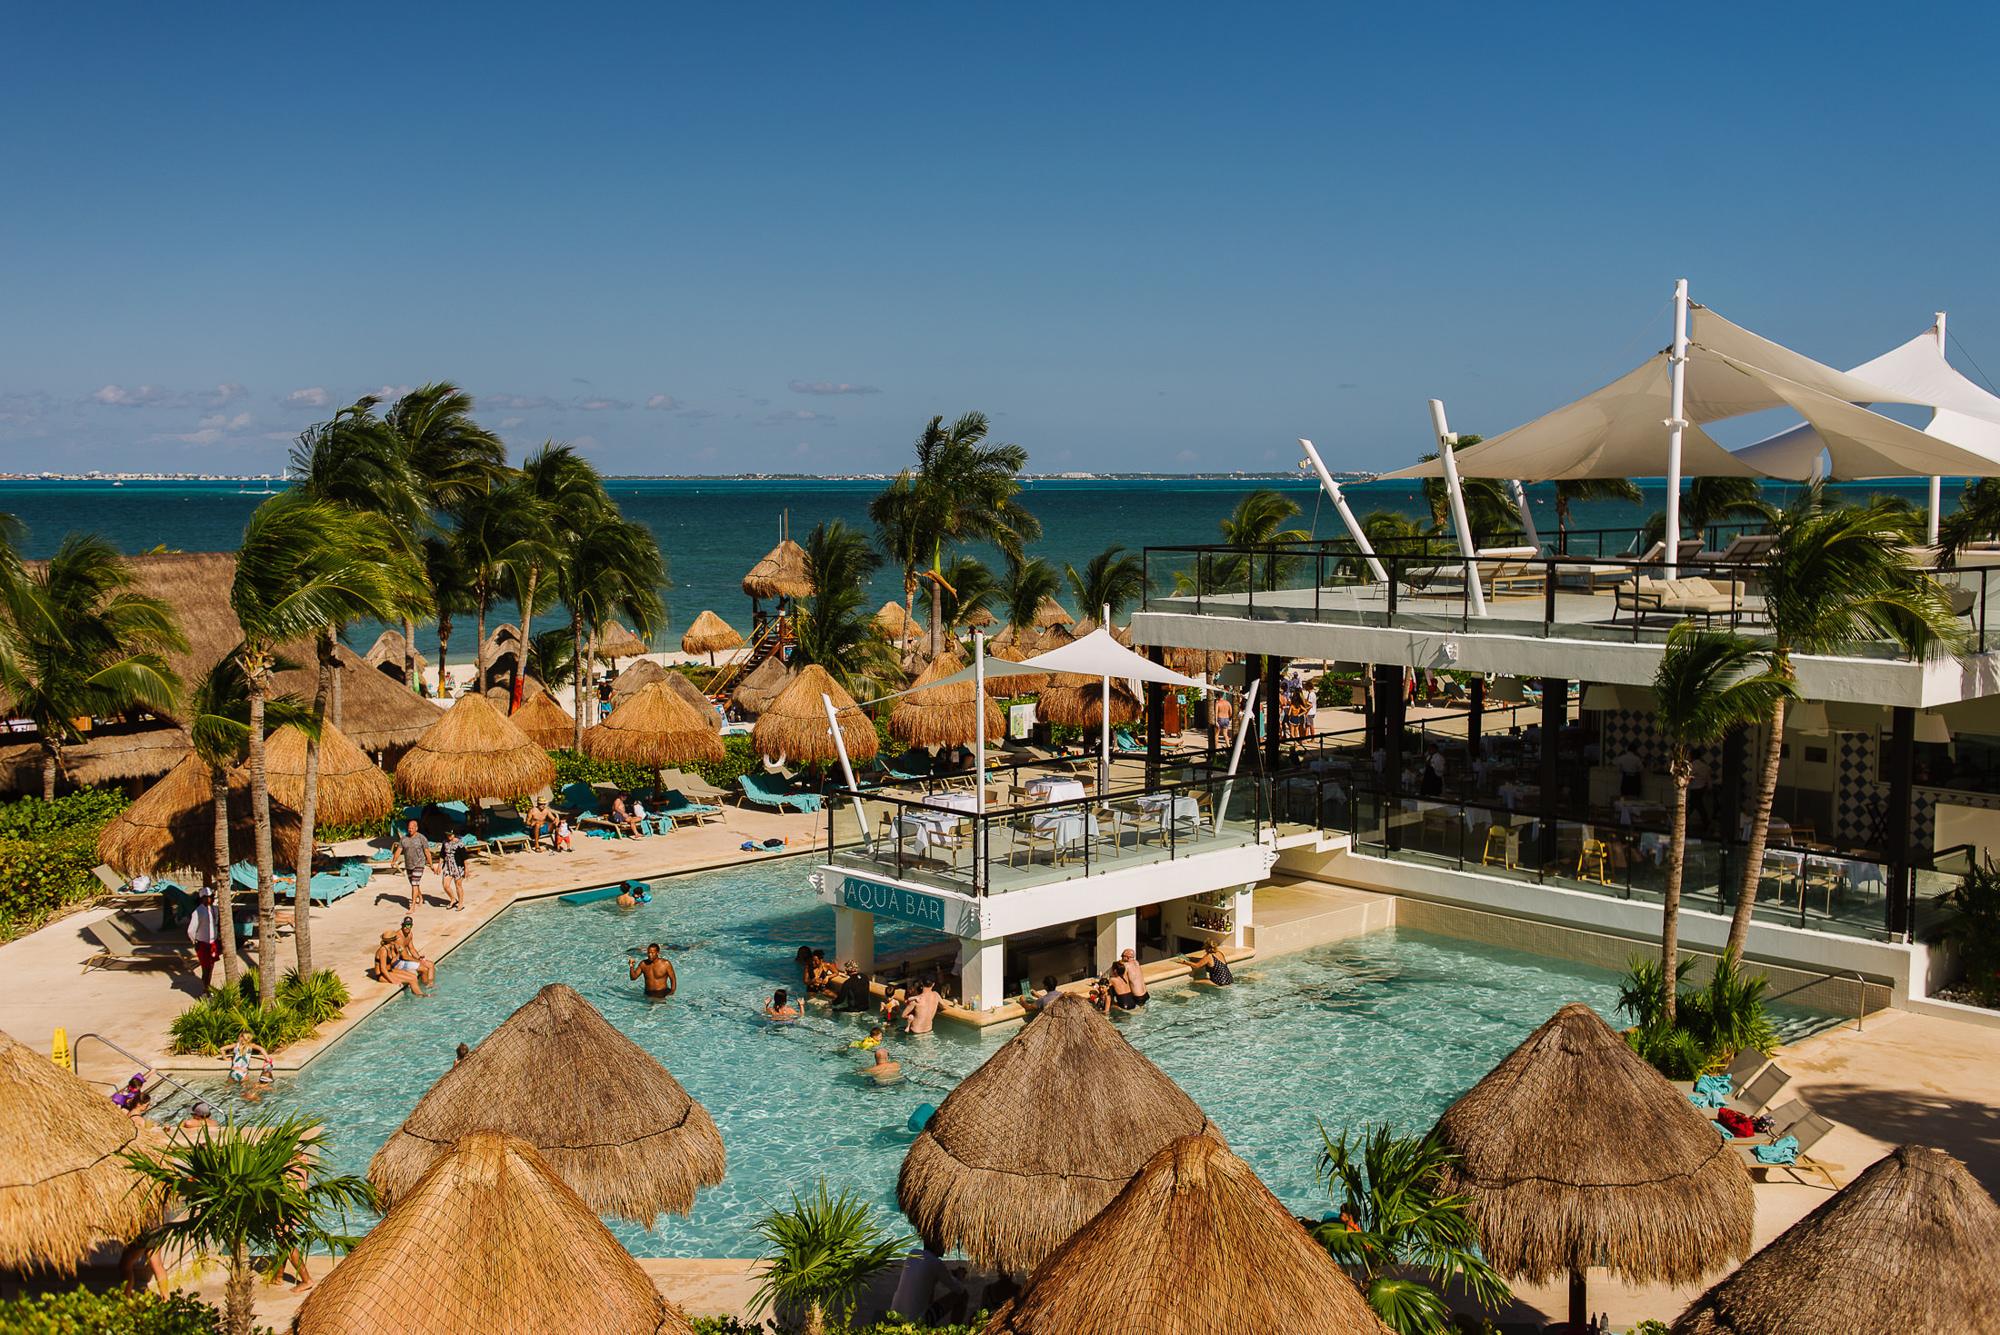 Resort wedding venue in Mexico, by Citlalli Rico